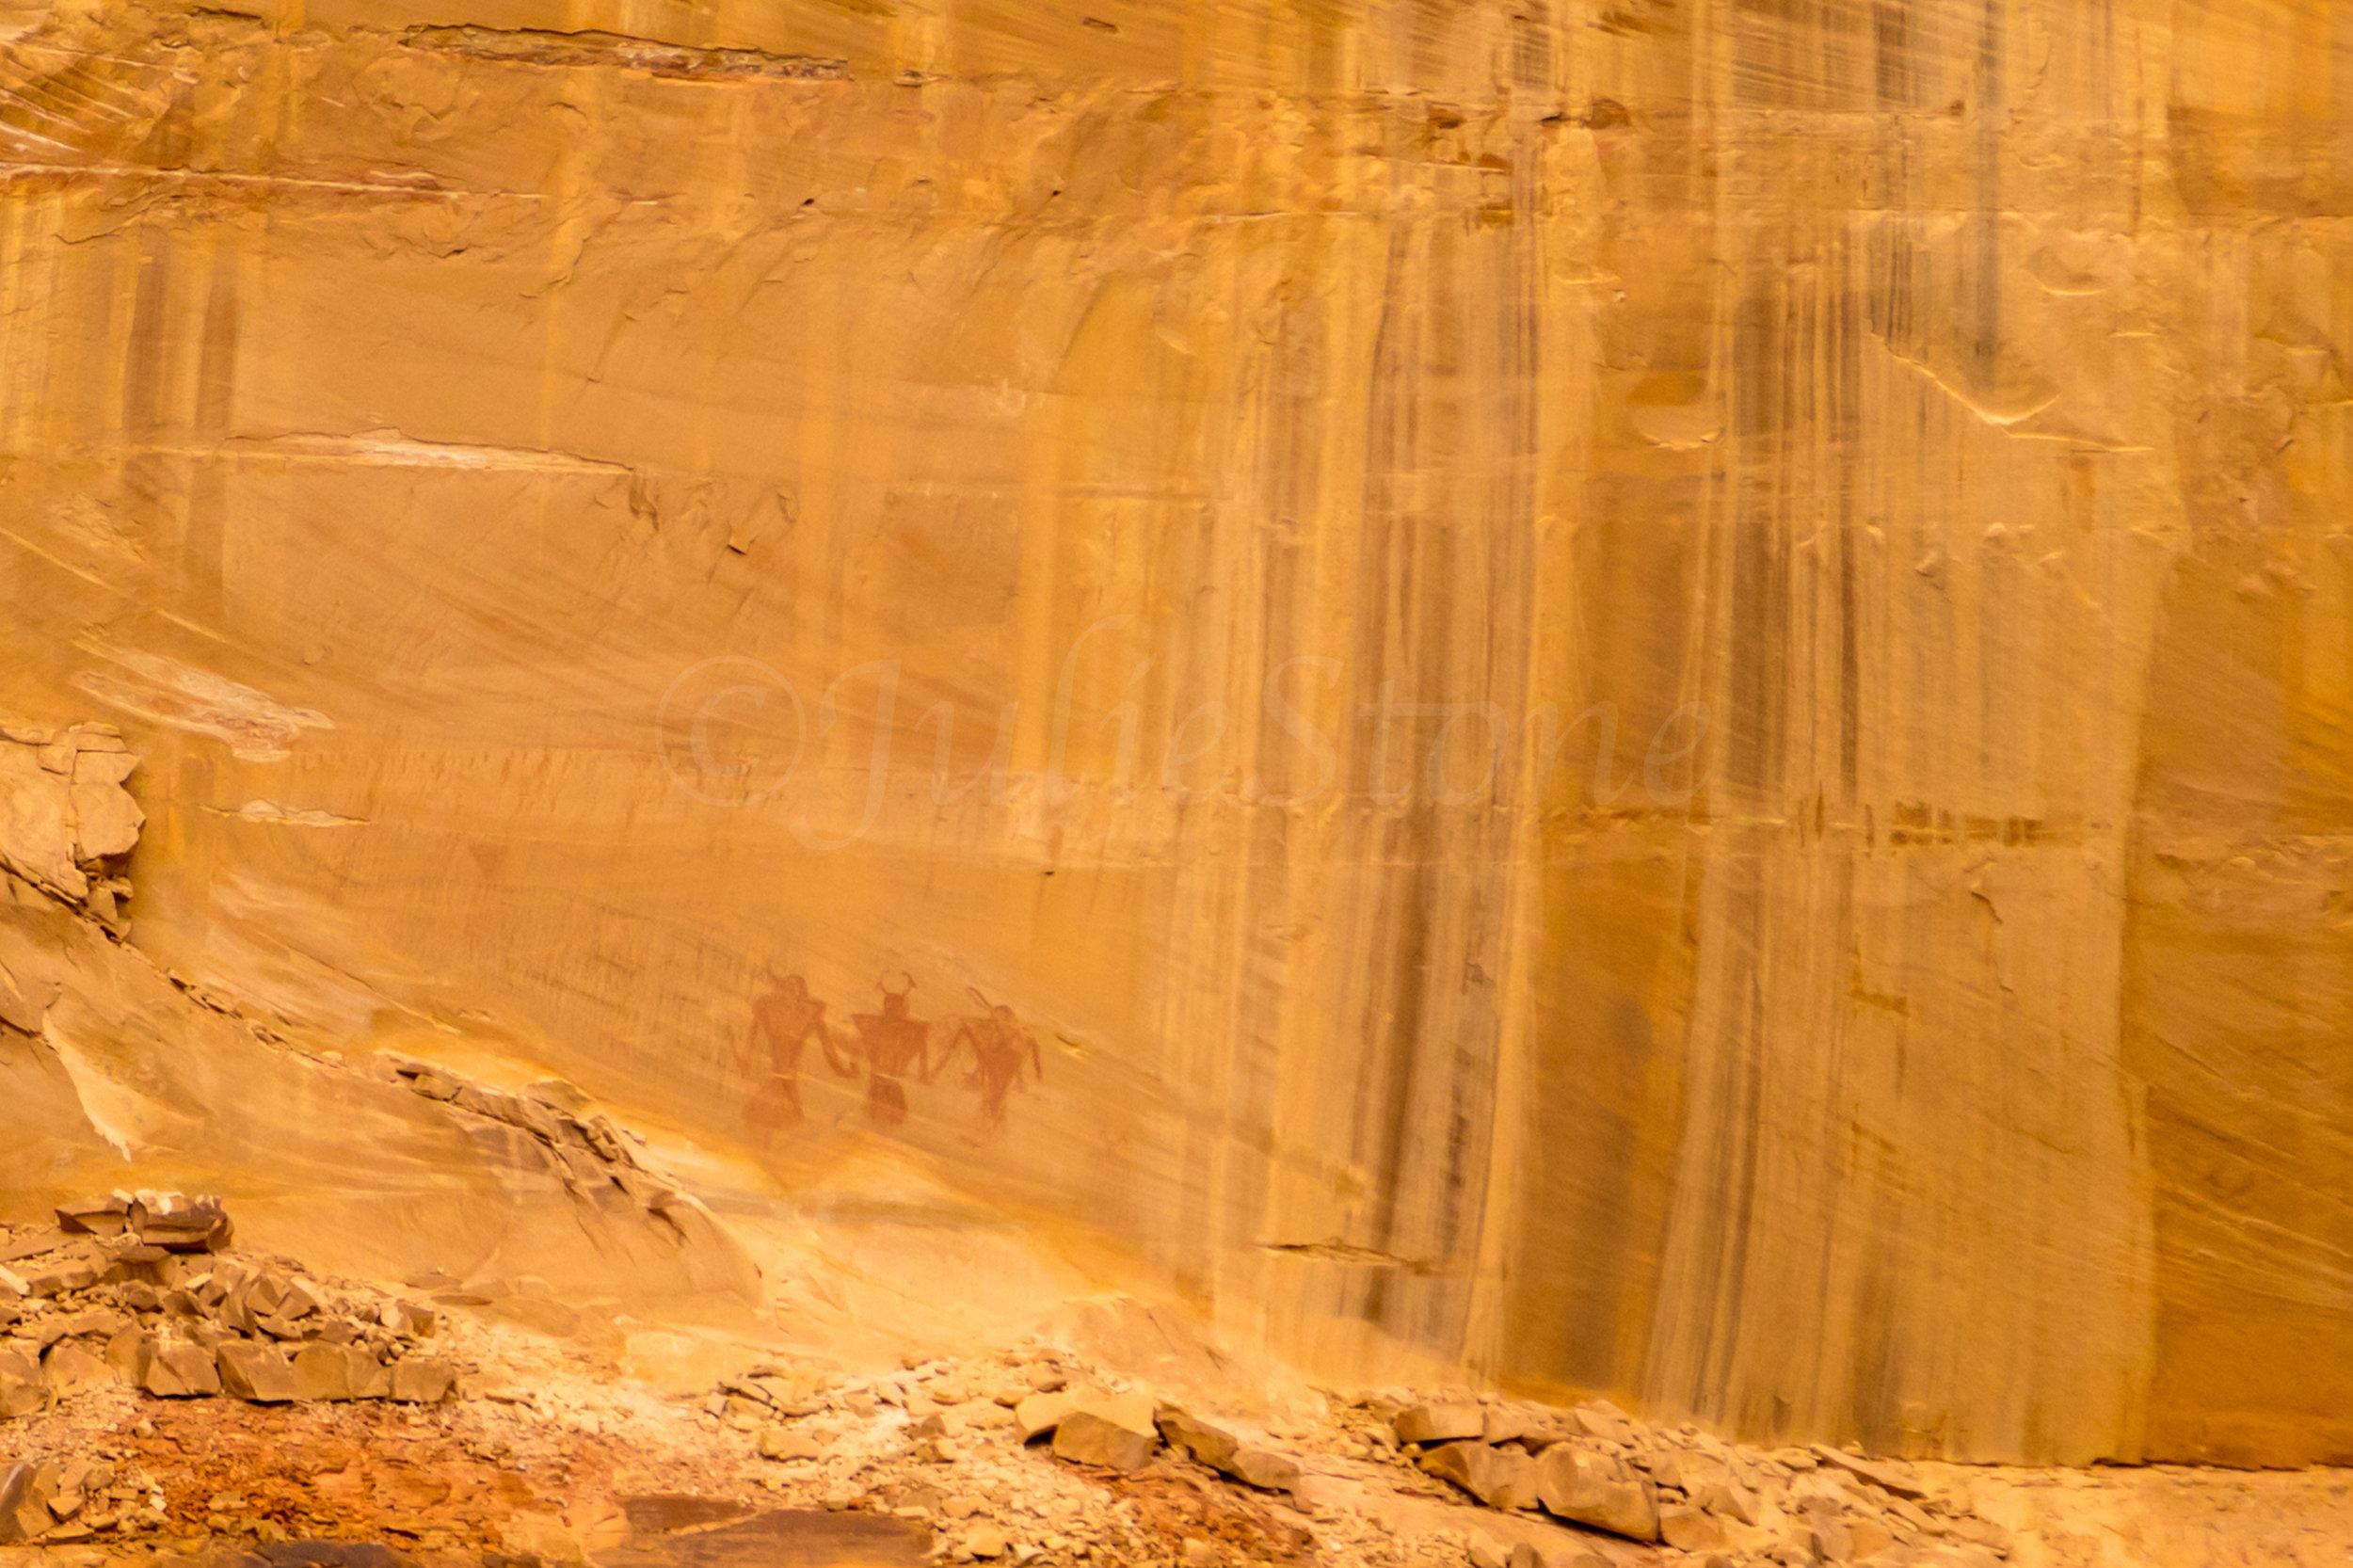 Lower Calf Creek Falls, Image # 4070